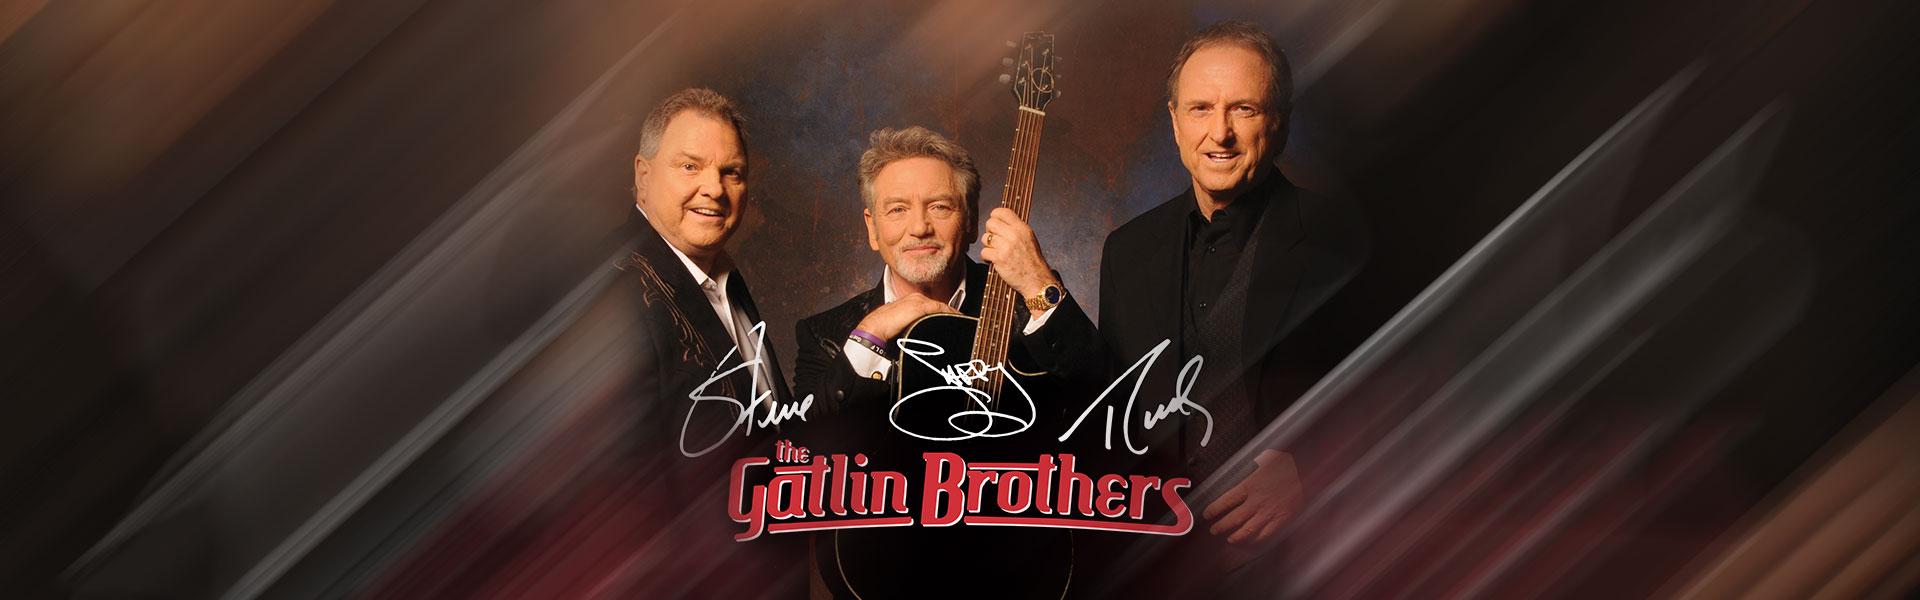 Gatlin Brothers